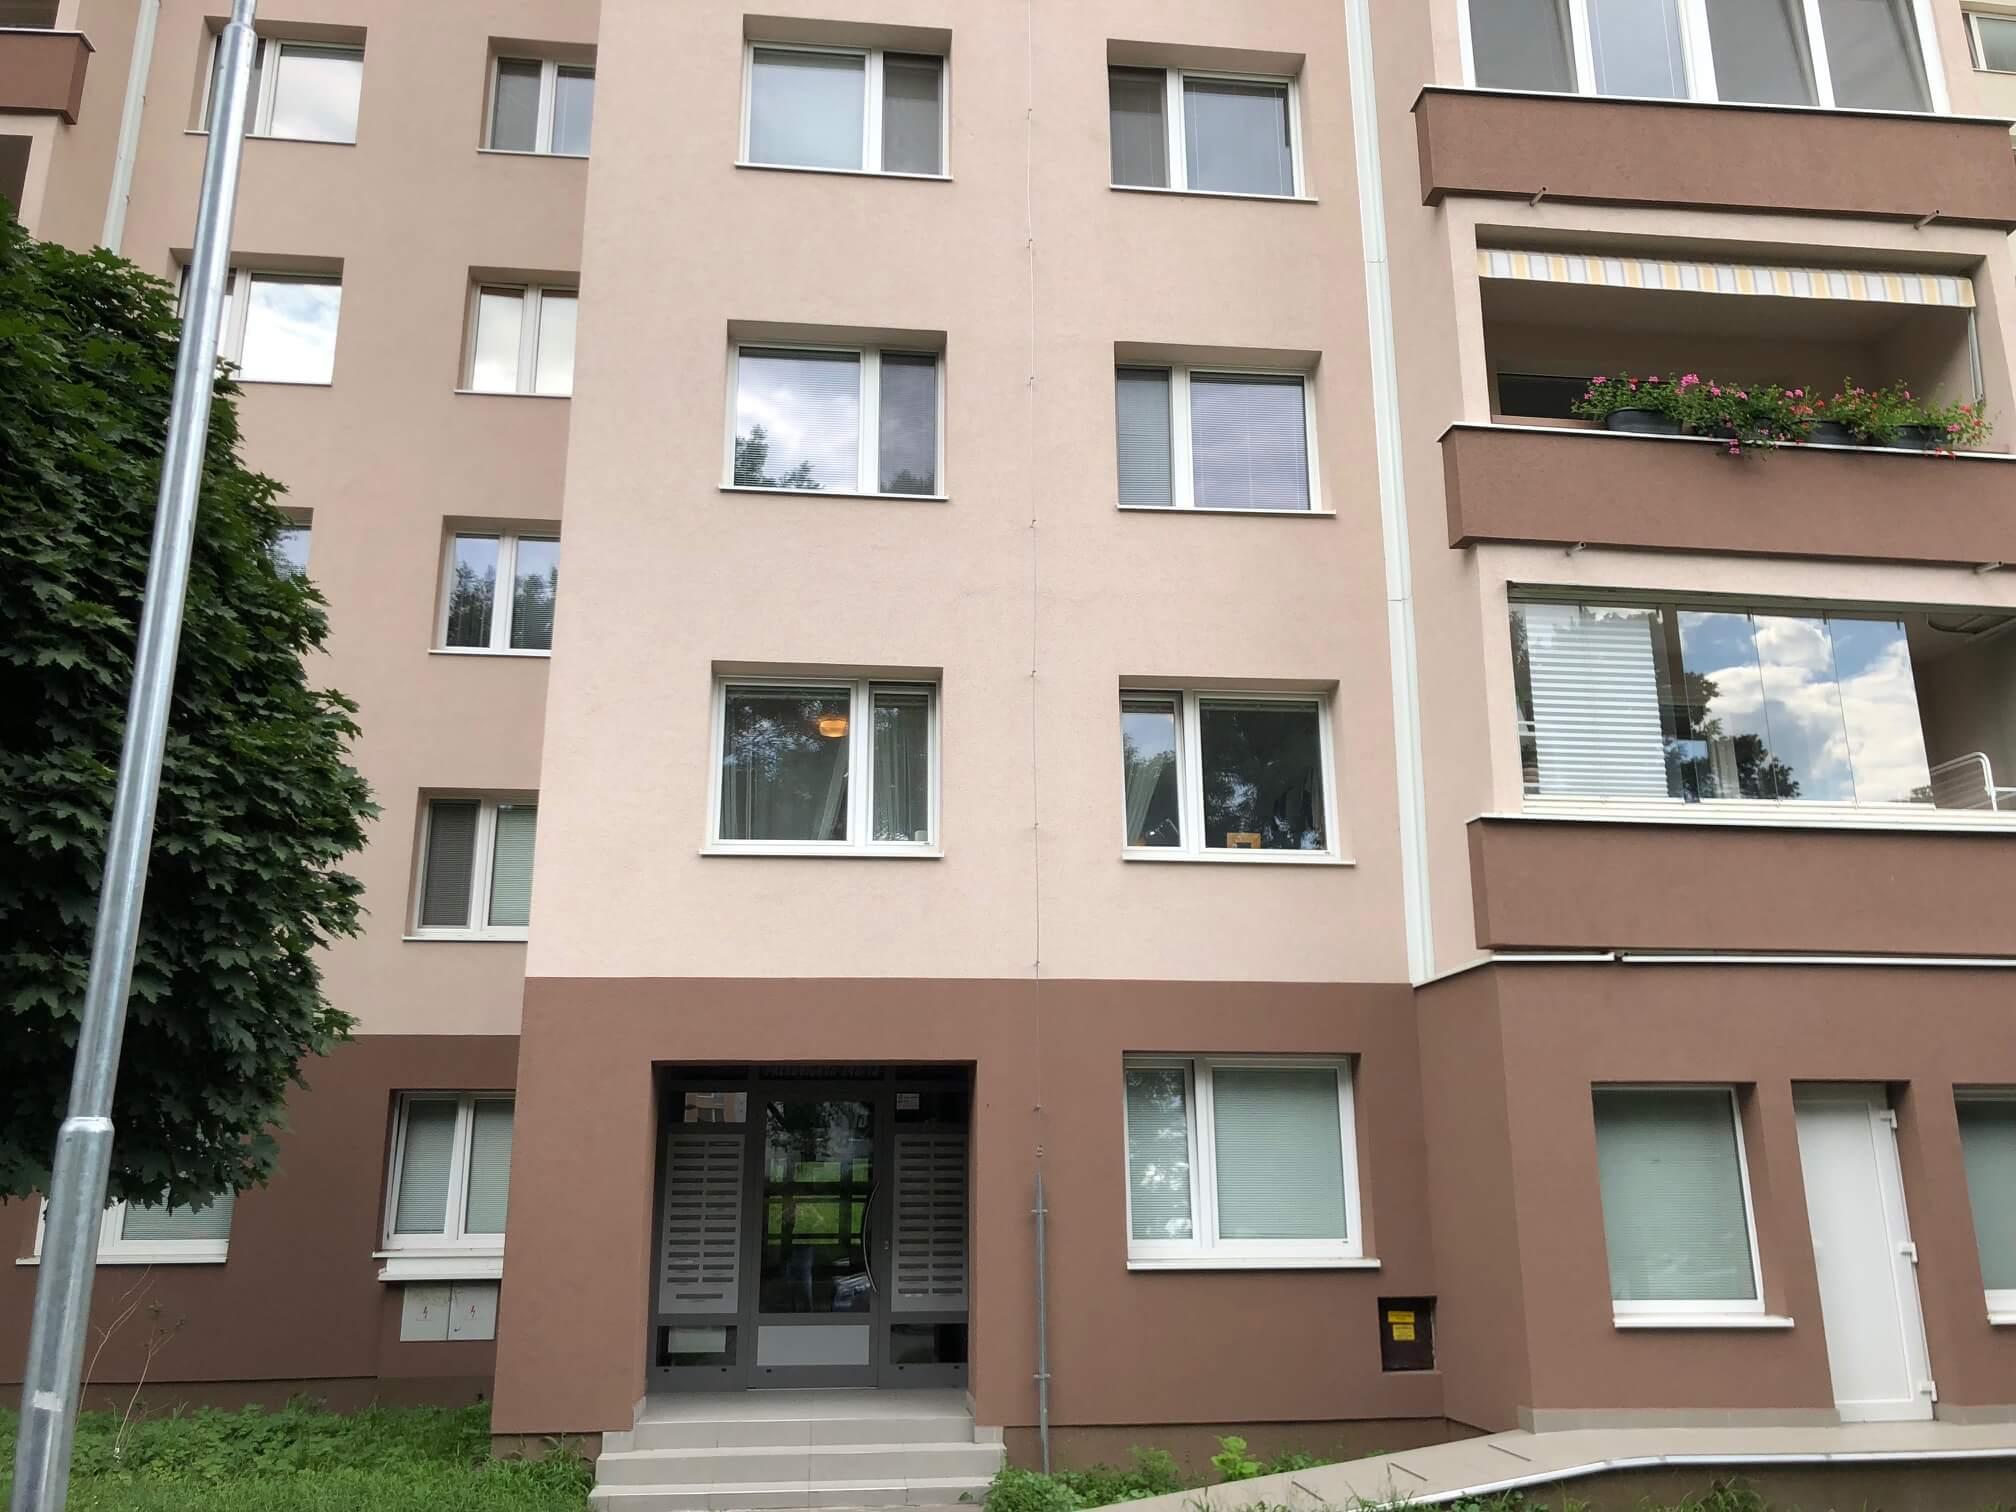 Predané Predaj exkluzívneho 3 izb. bytu,v Ružinove, ulica Palkovičová, blízko Trhoviska Miletičky v Bratislave, 68m2, kompletne zariadený-7